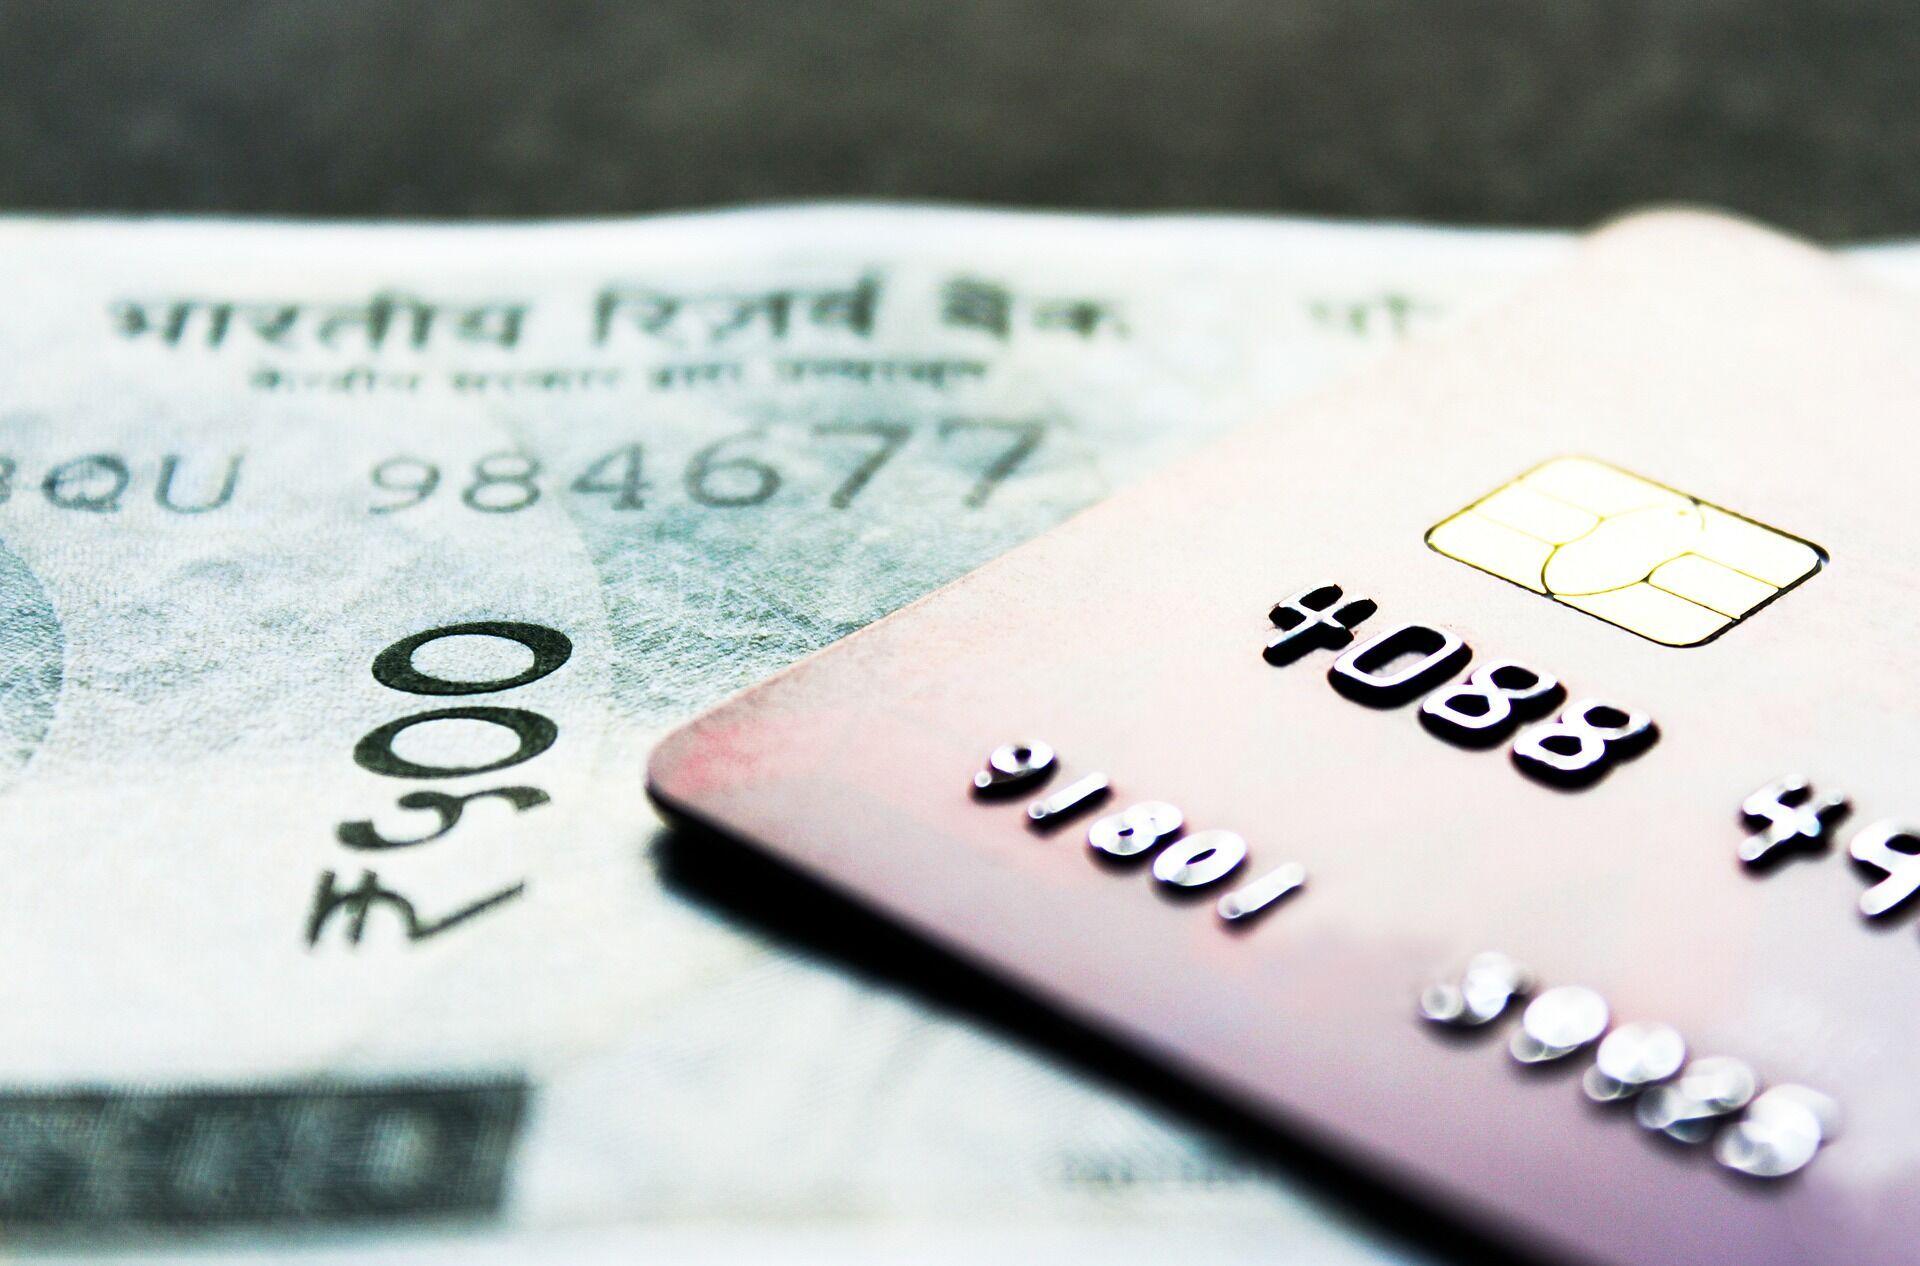 Банк вирішить, що картку зламали, якщо ви раптово розплатитеся за кордоном